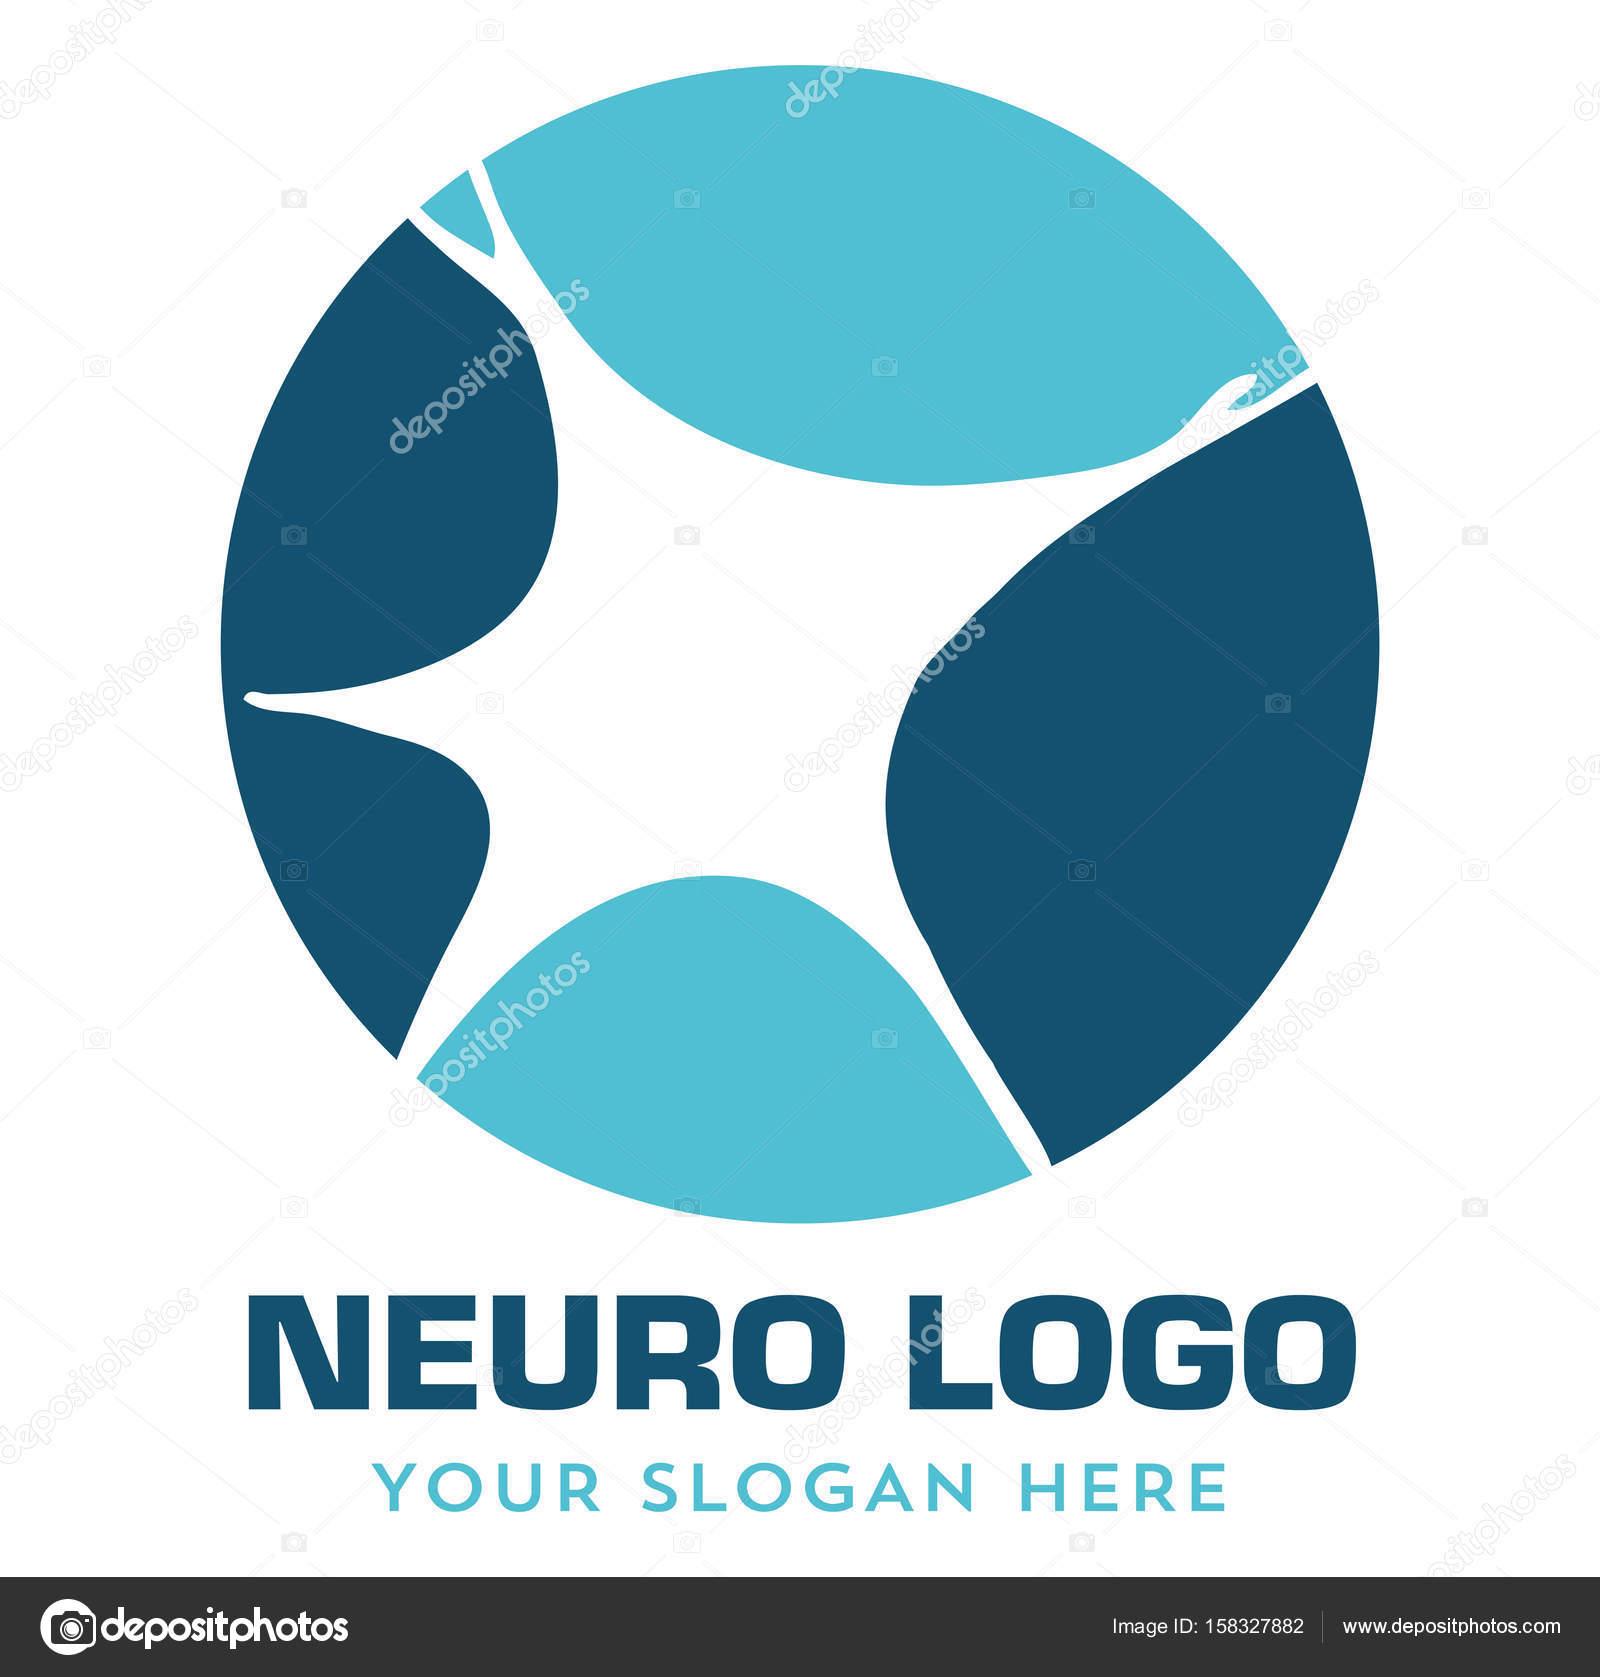 neuro de neurolog237a m233dica logo � vector de stock